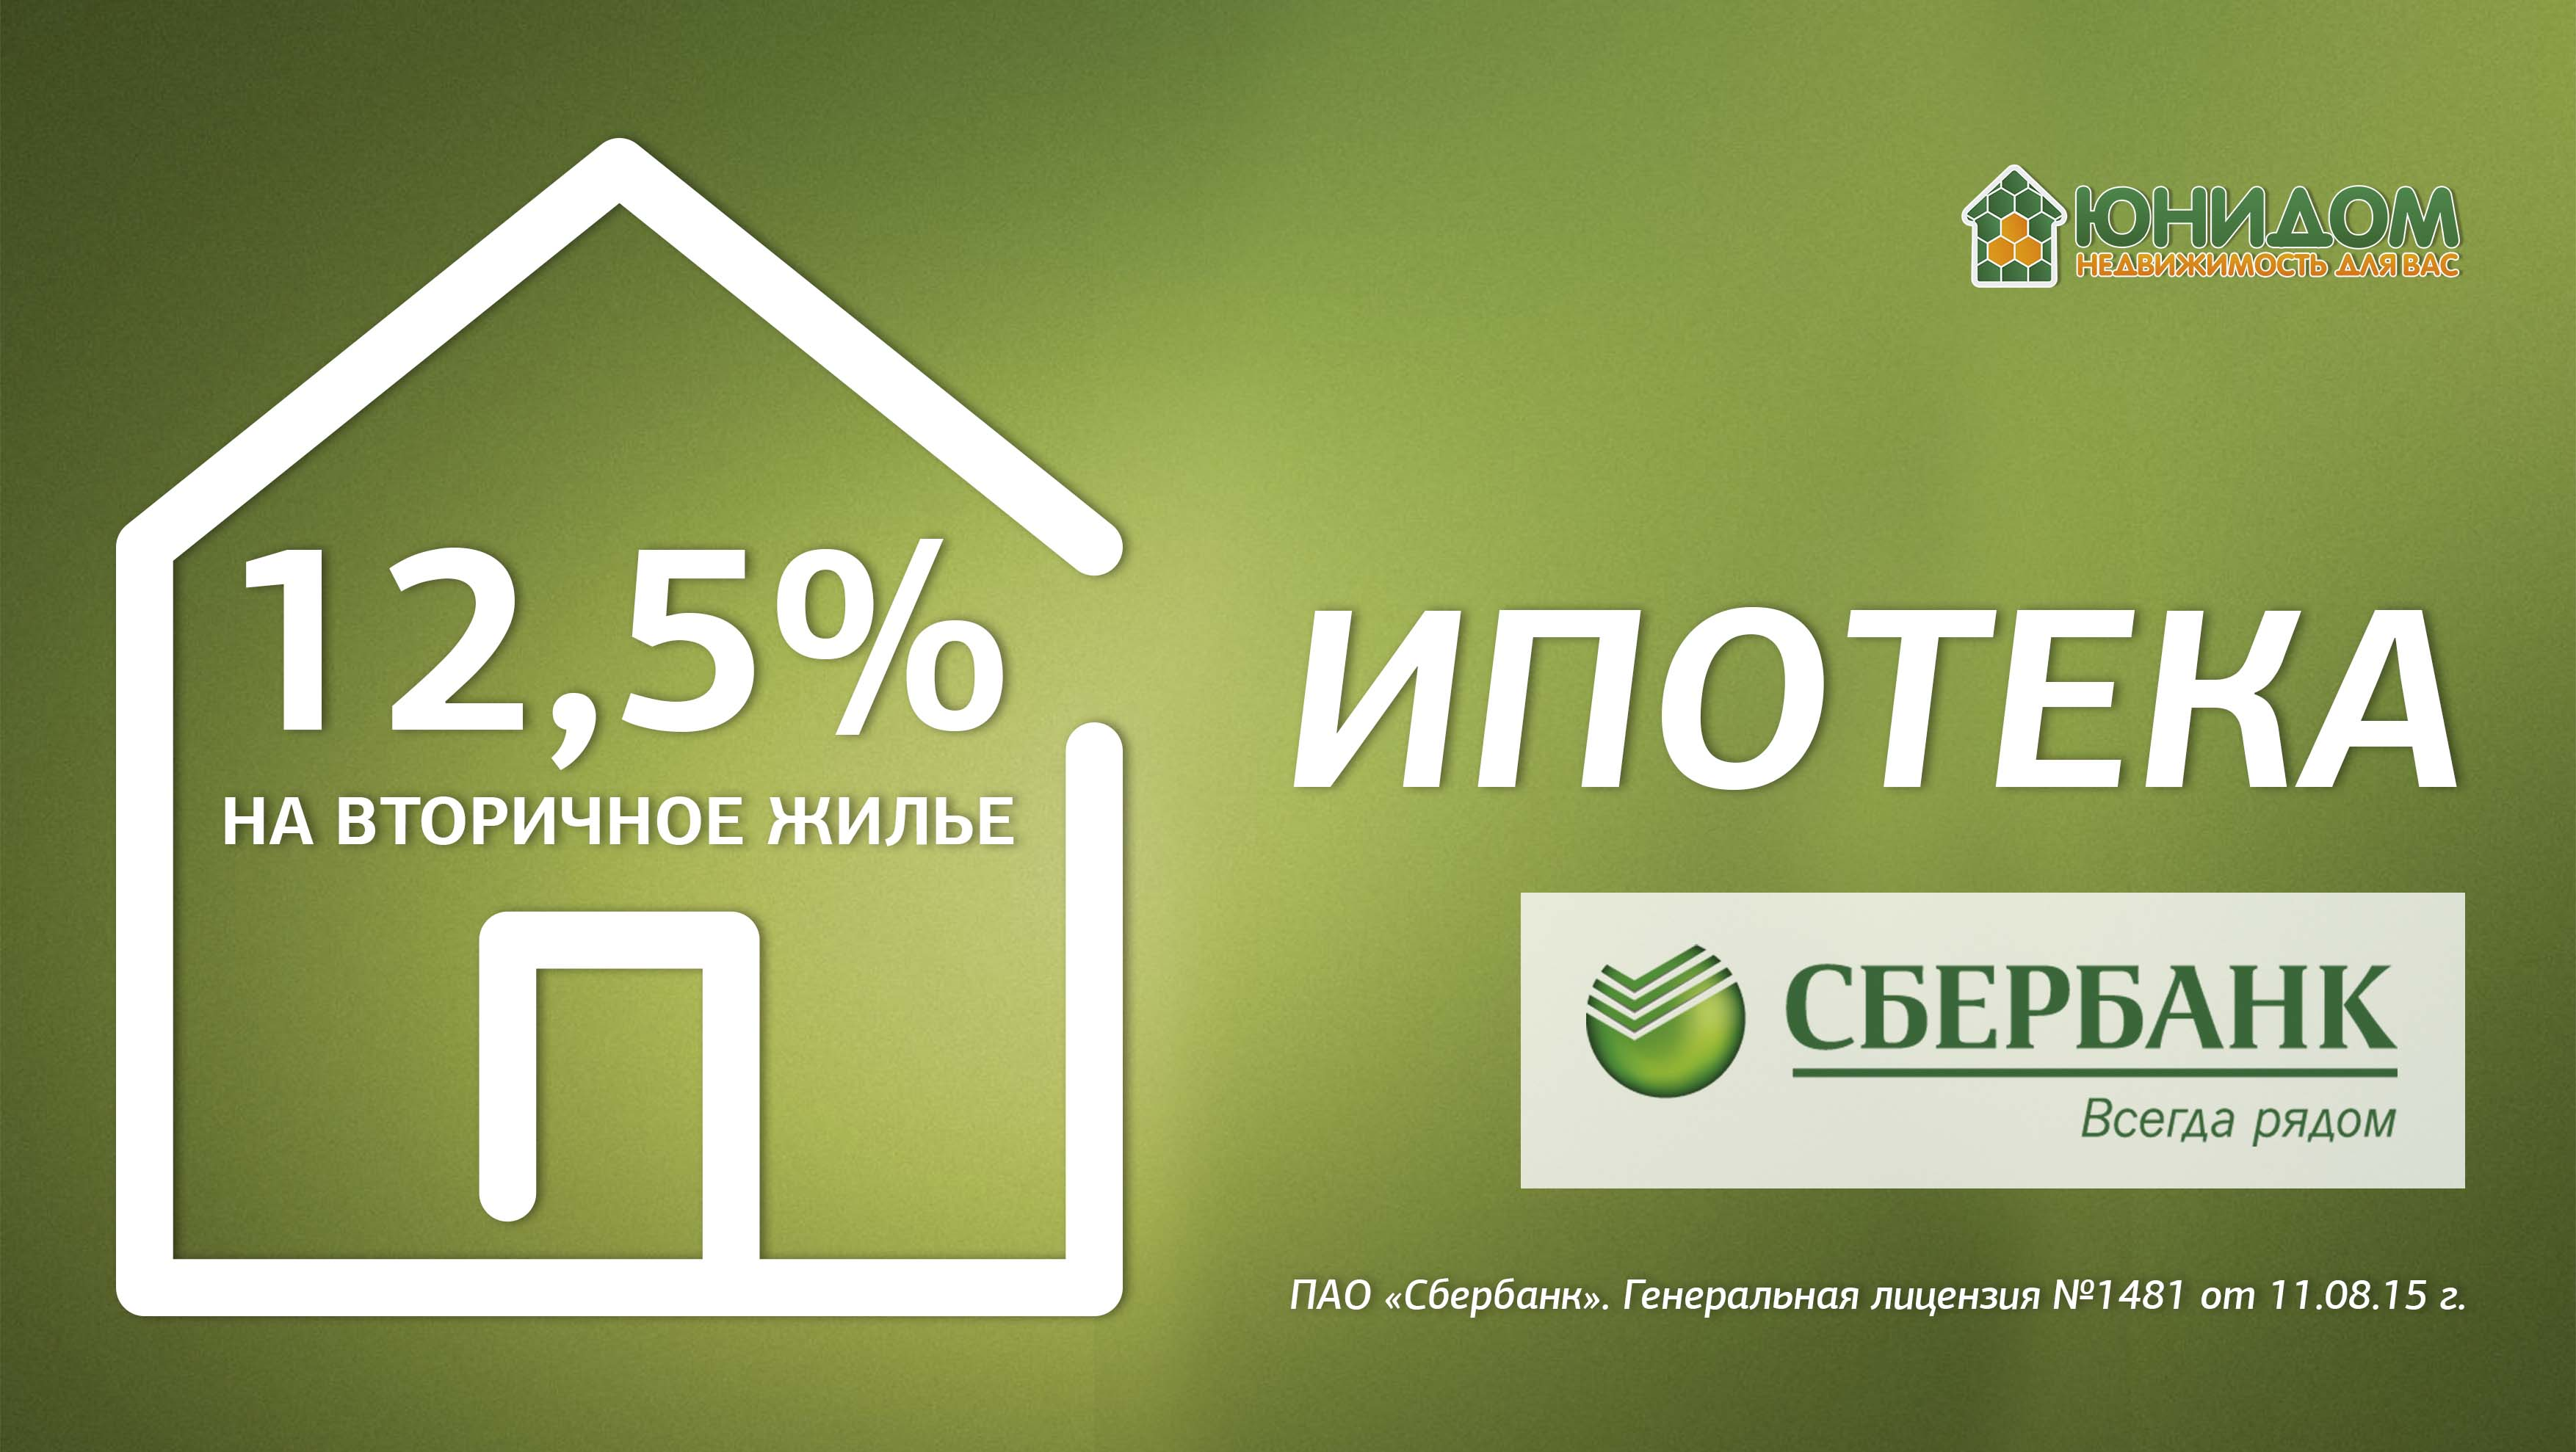 Сбербанк снижает ставки по ипотечному кредитованию